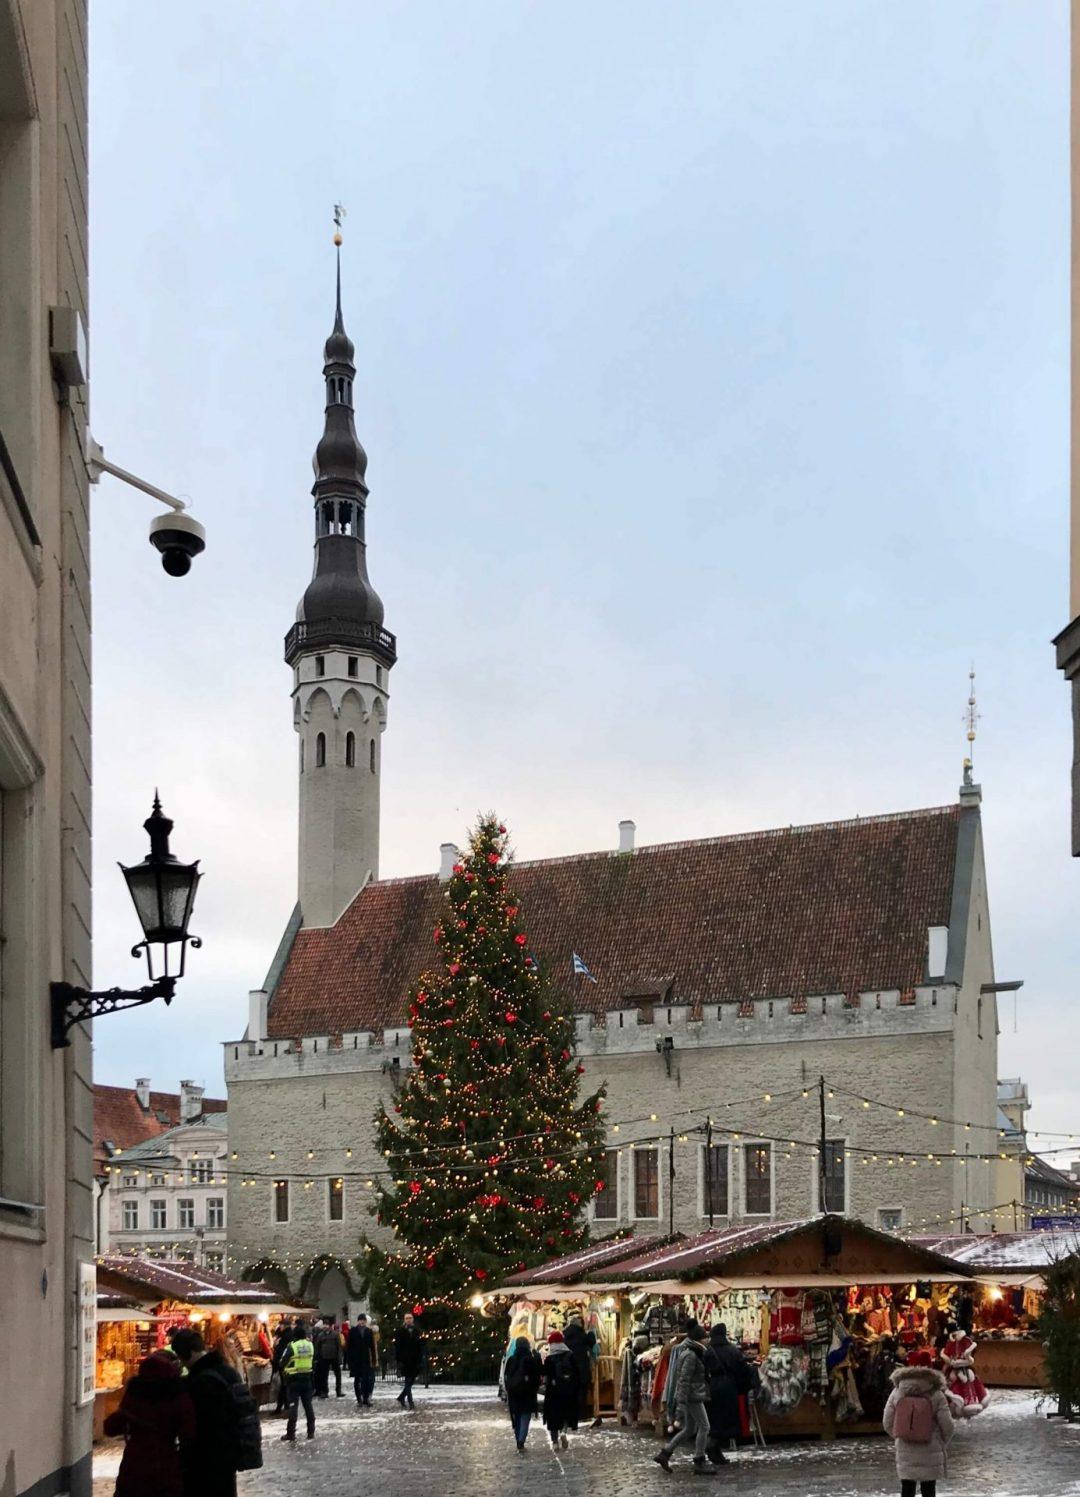 Tallinna joulutori, tekemistä teinien kanssa